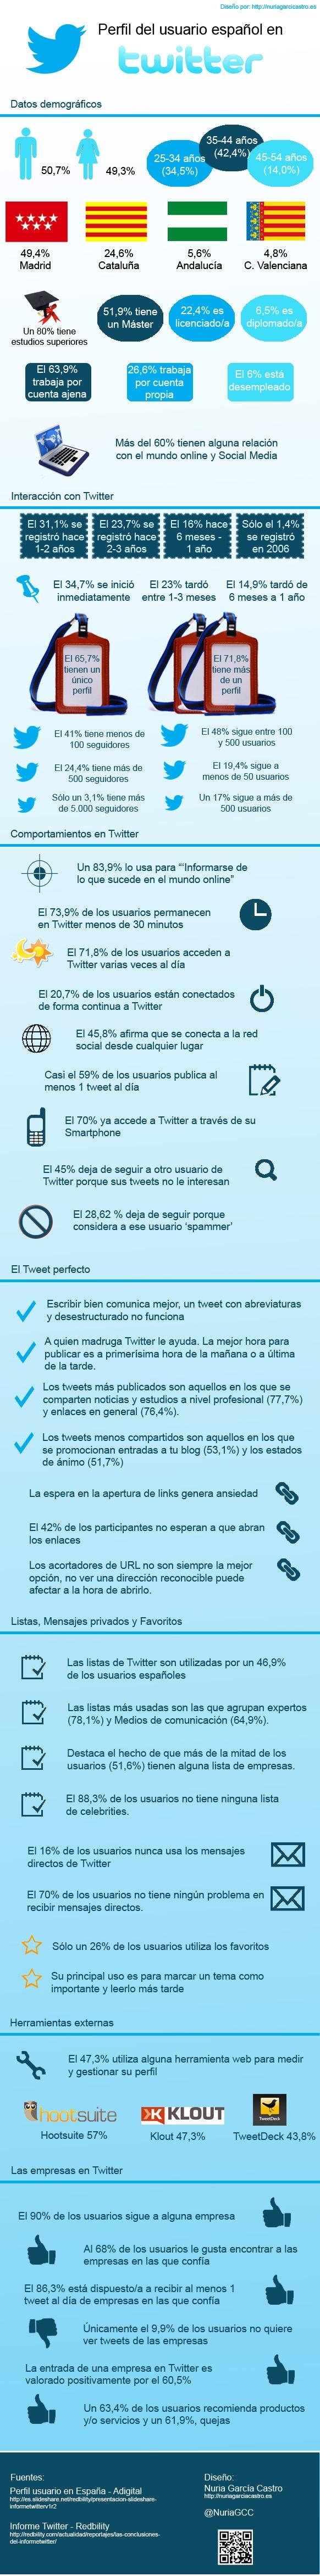 Perfil del usuario español de Twitter #infografia #infographic #socialmedia